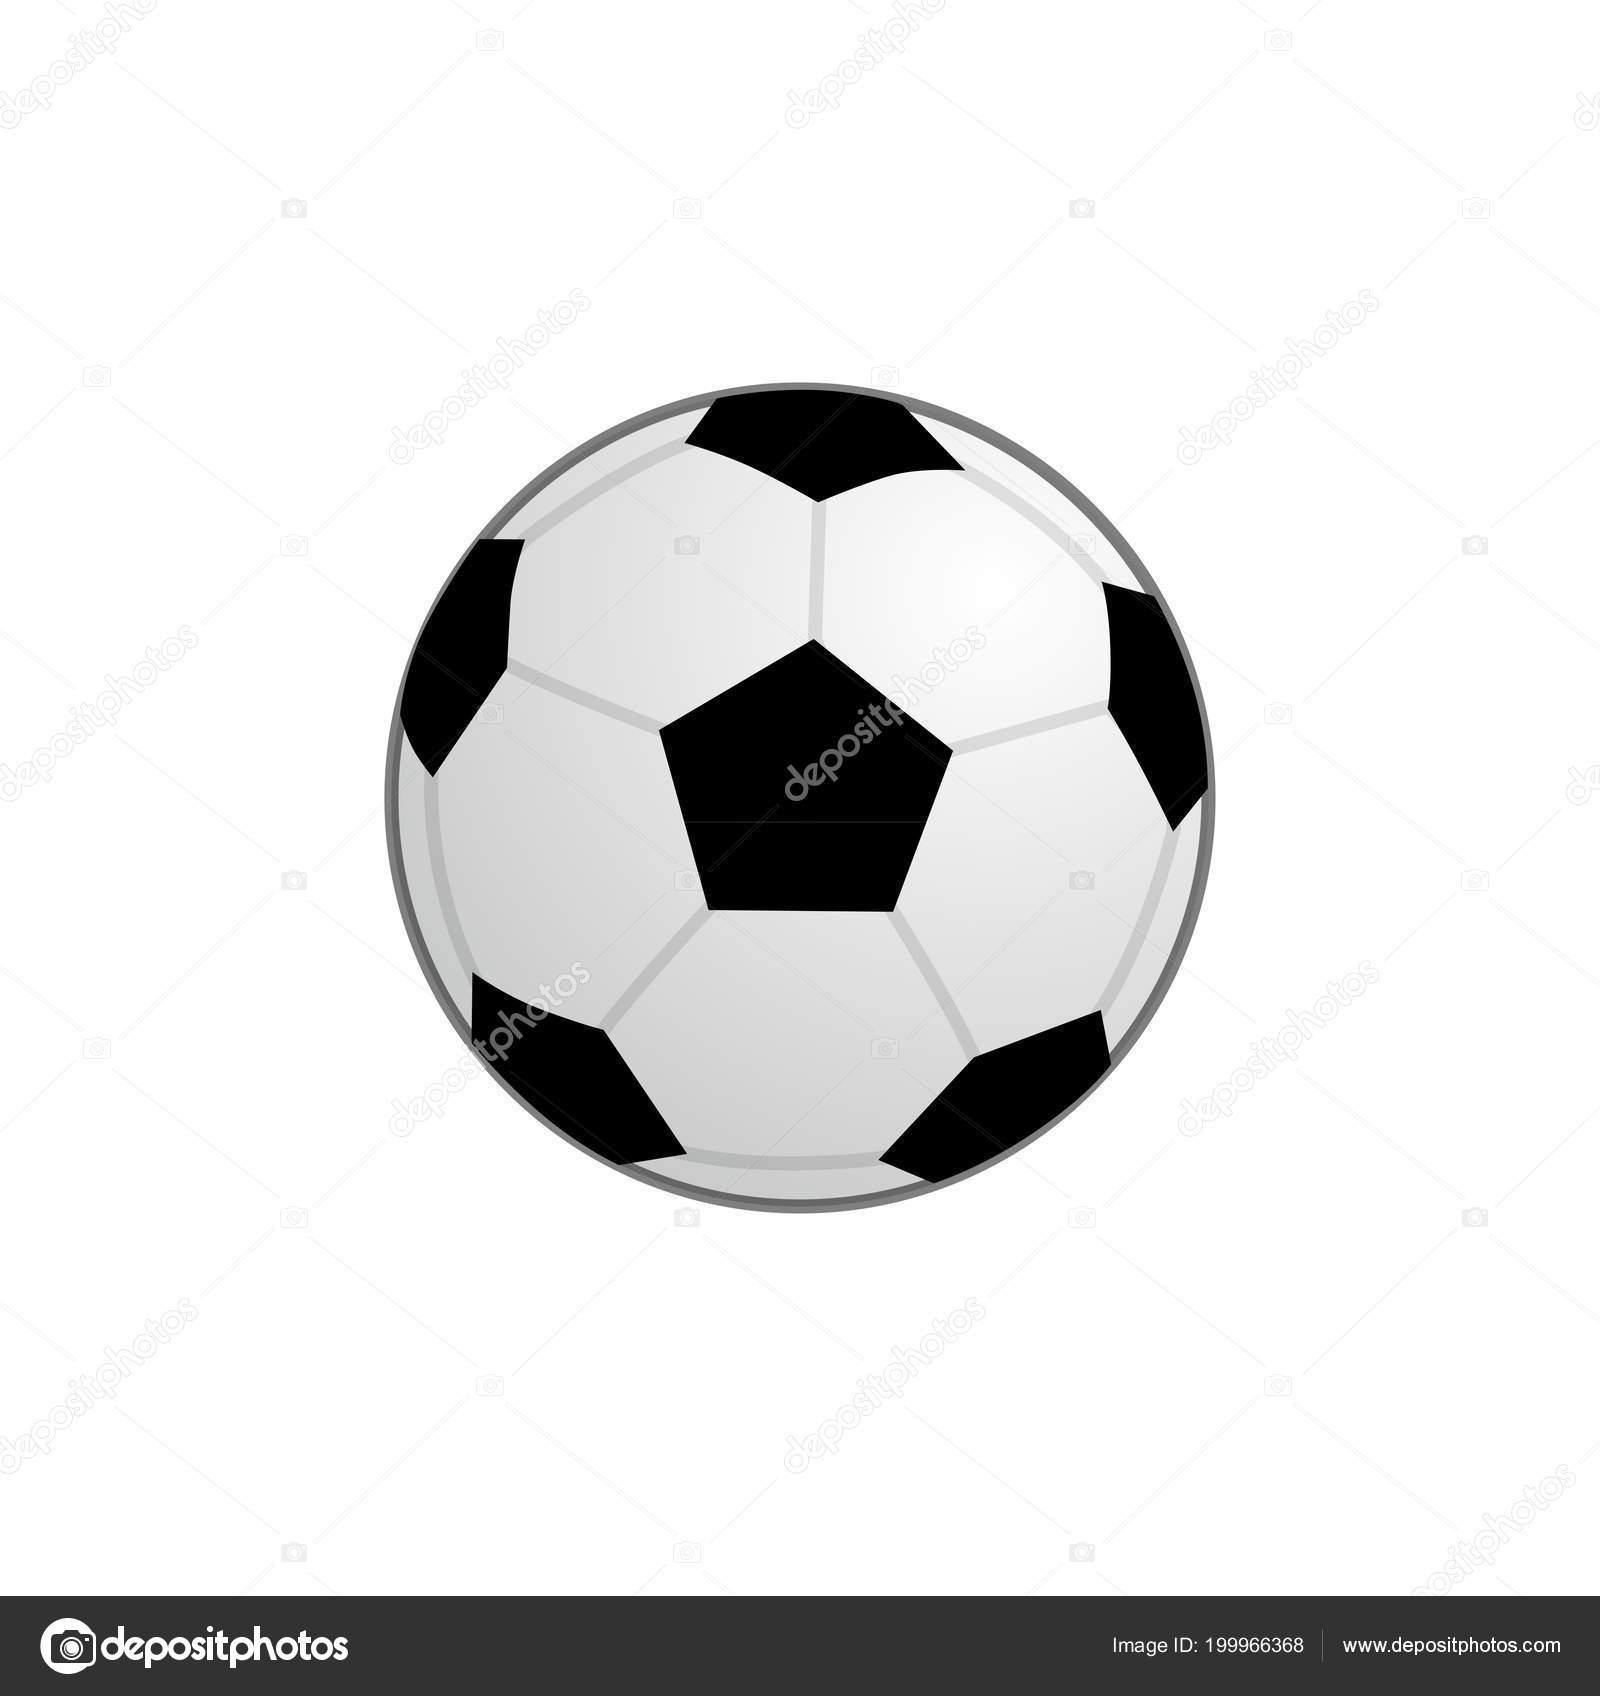 基本的なサッカー ボールのアイコン、ベクトル クリップ アート イラスト